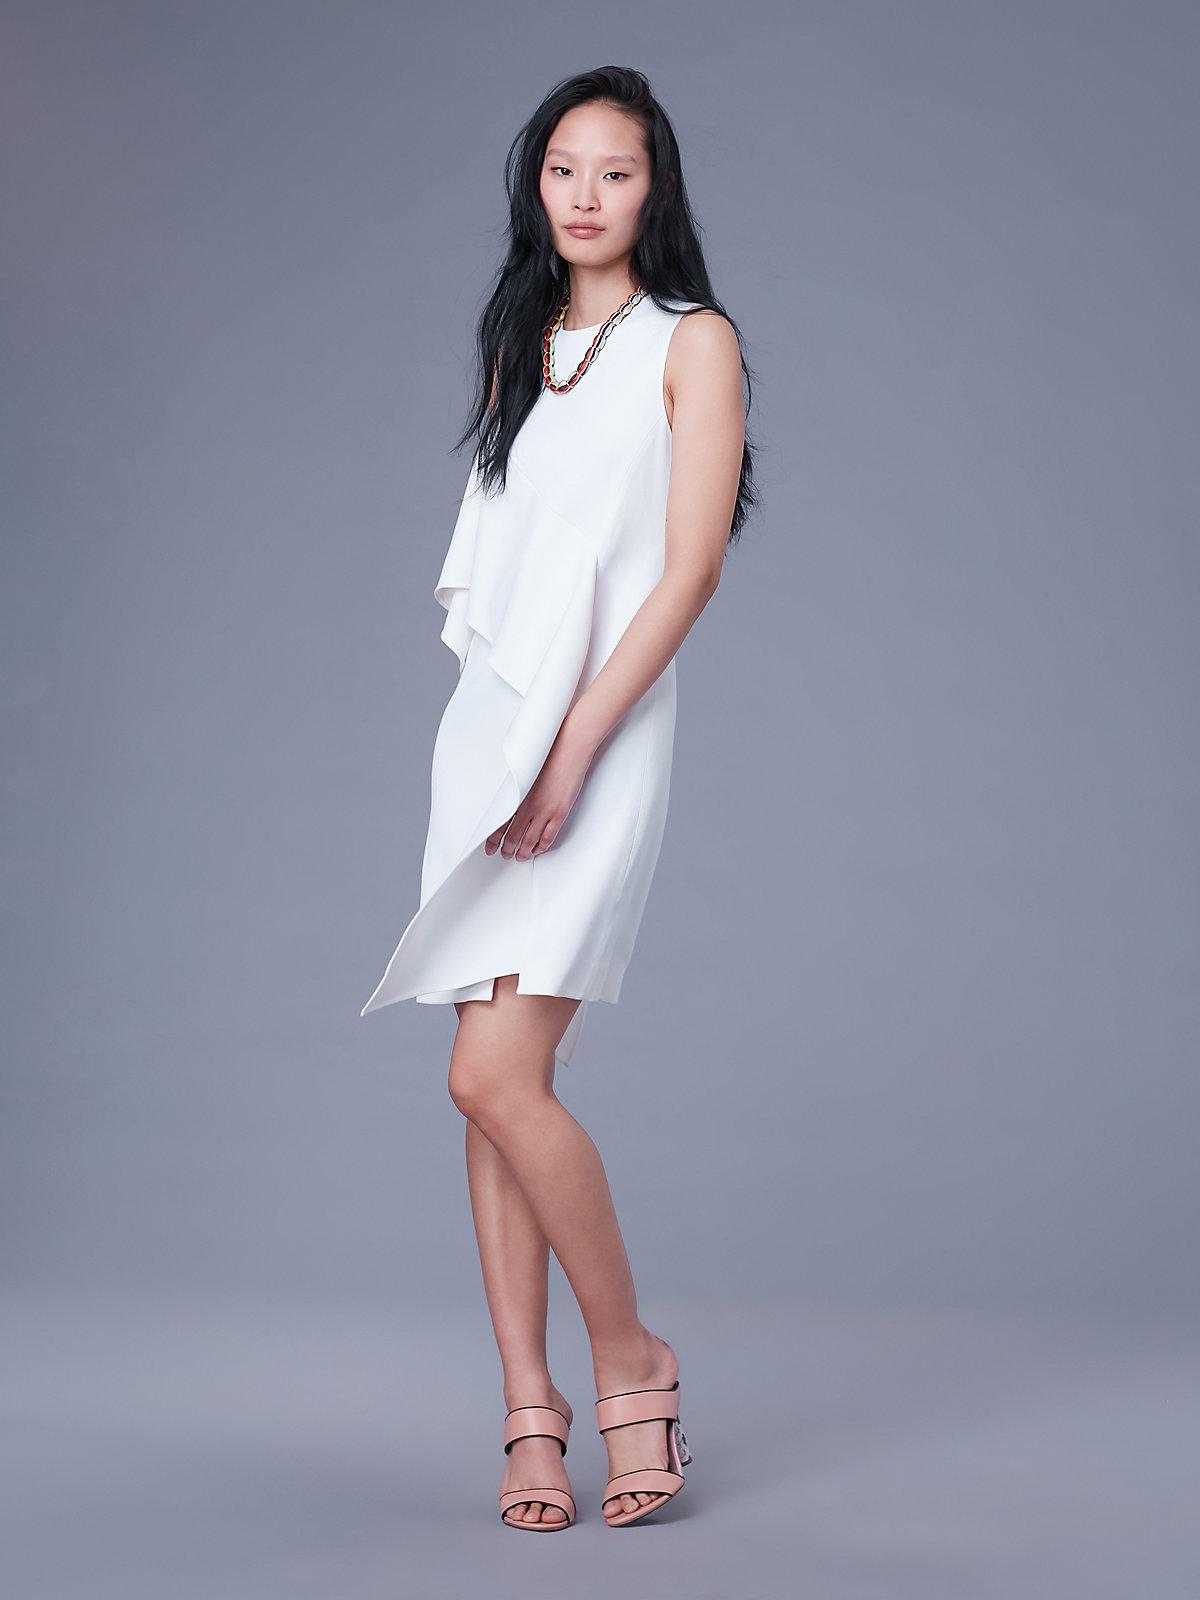 DVF sleeveless dress diane von furstenberg bridal shower dress ideas 4th fourth of july sales for brides